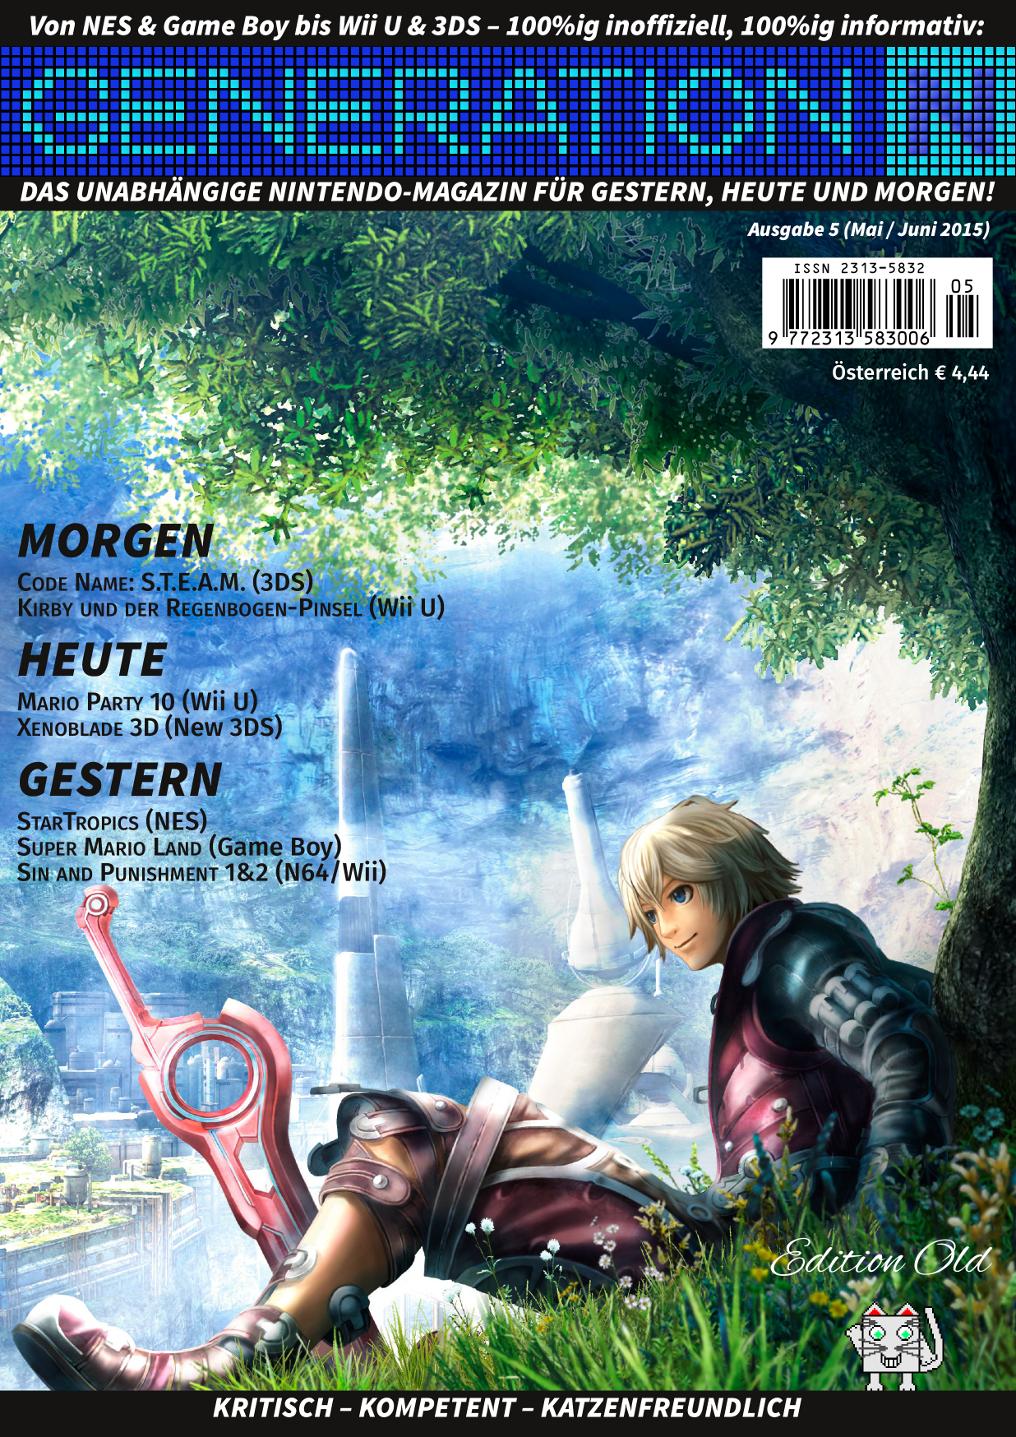 Generation_N_Ausgabe_5_Cover_klein